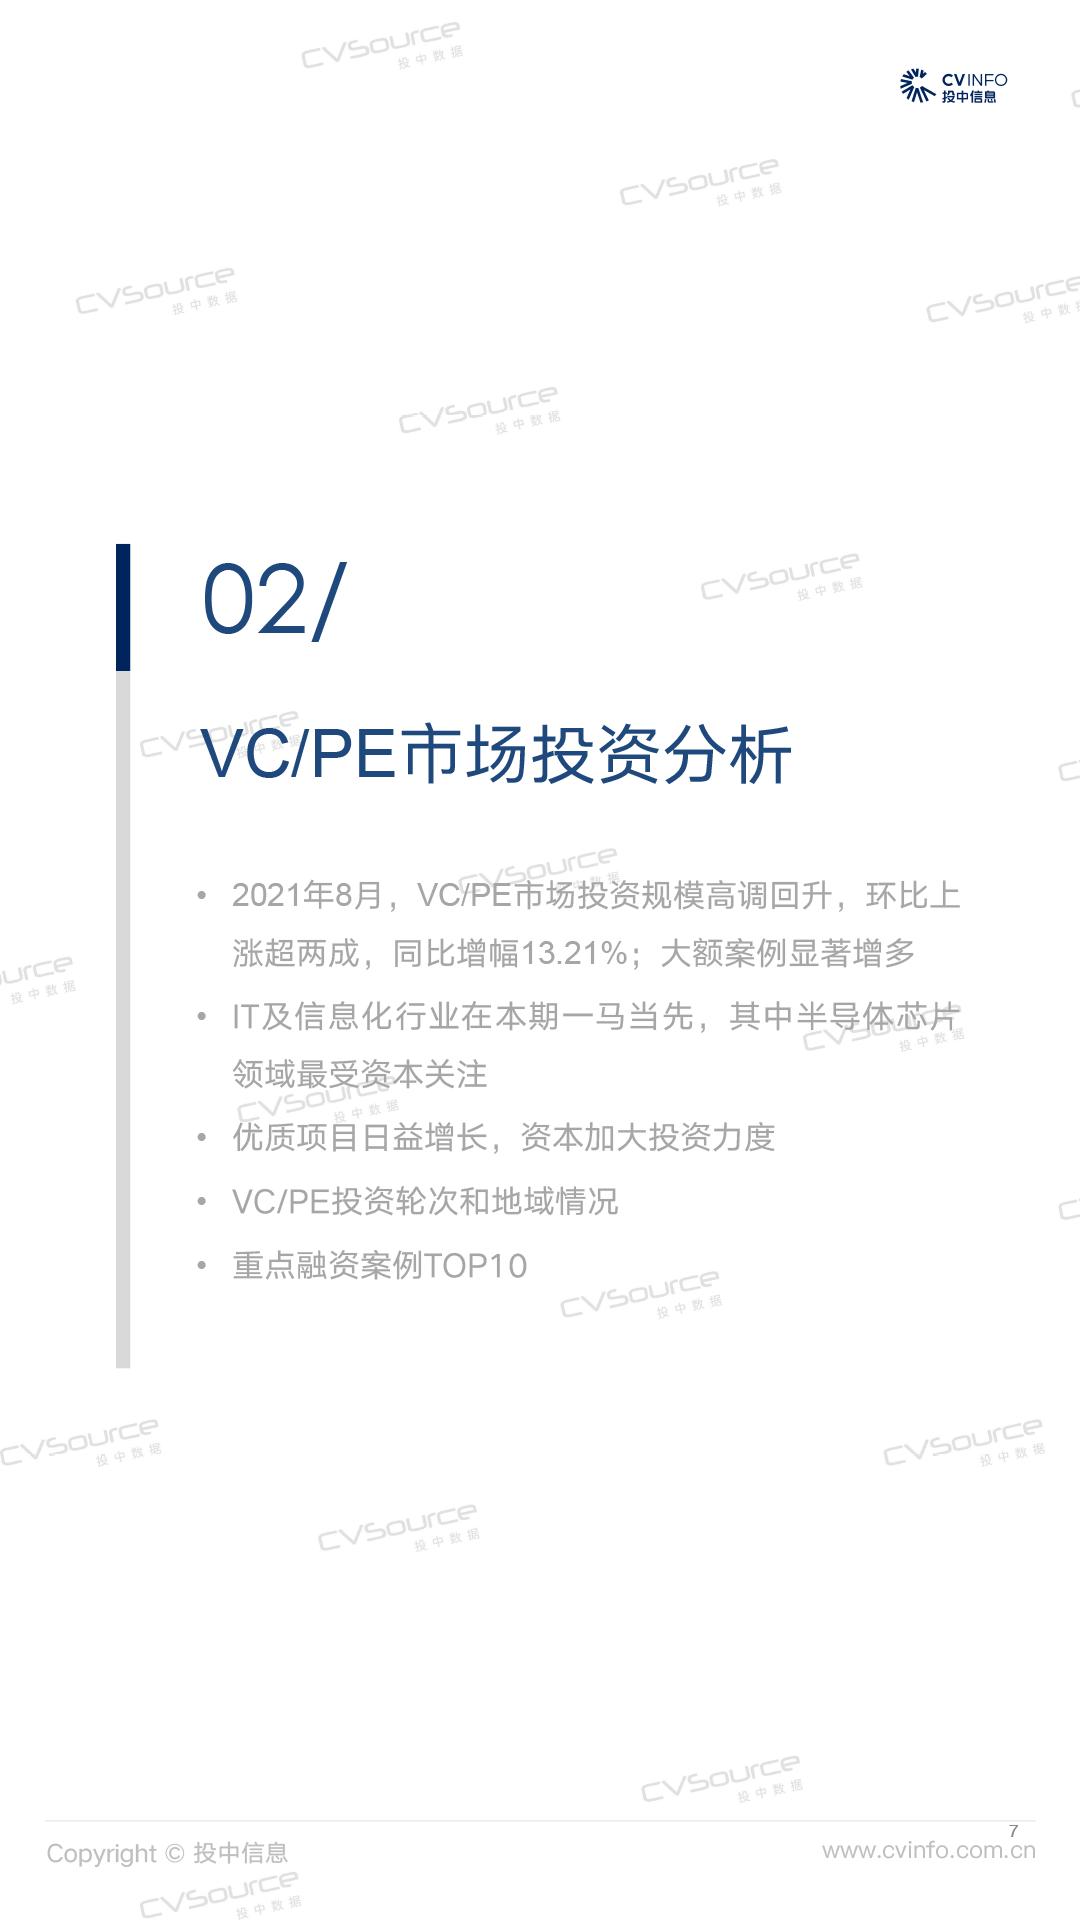 2021年8月中国VC_PE市场数据报告-7.png